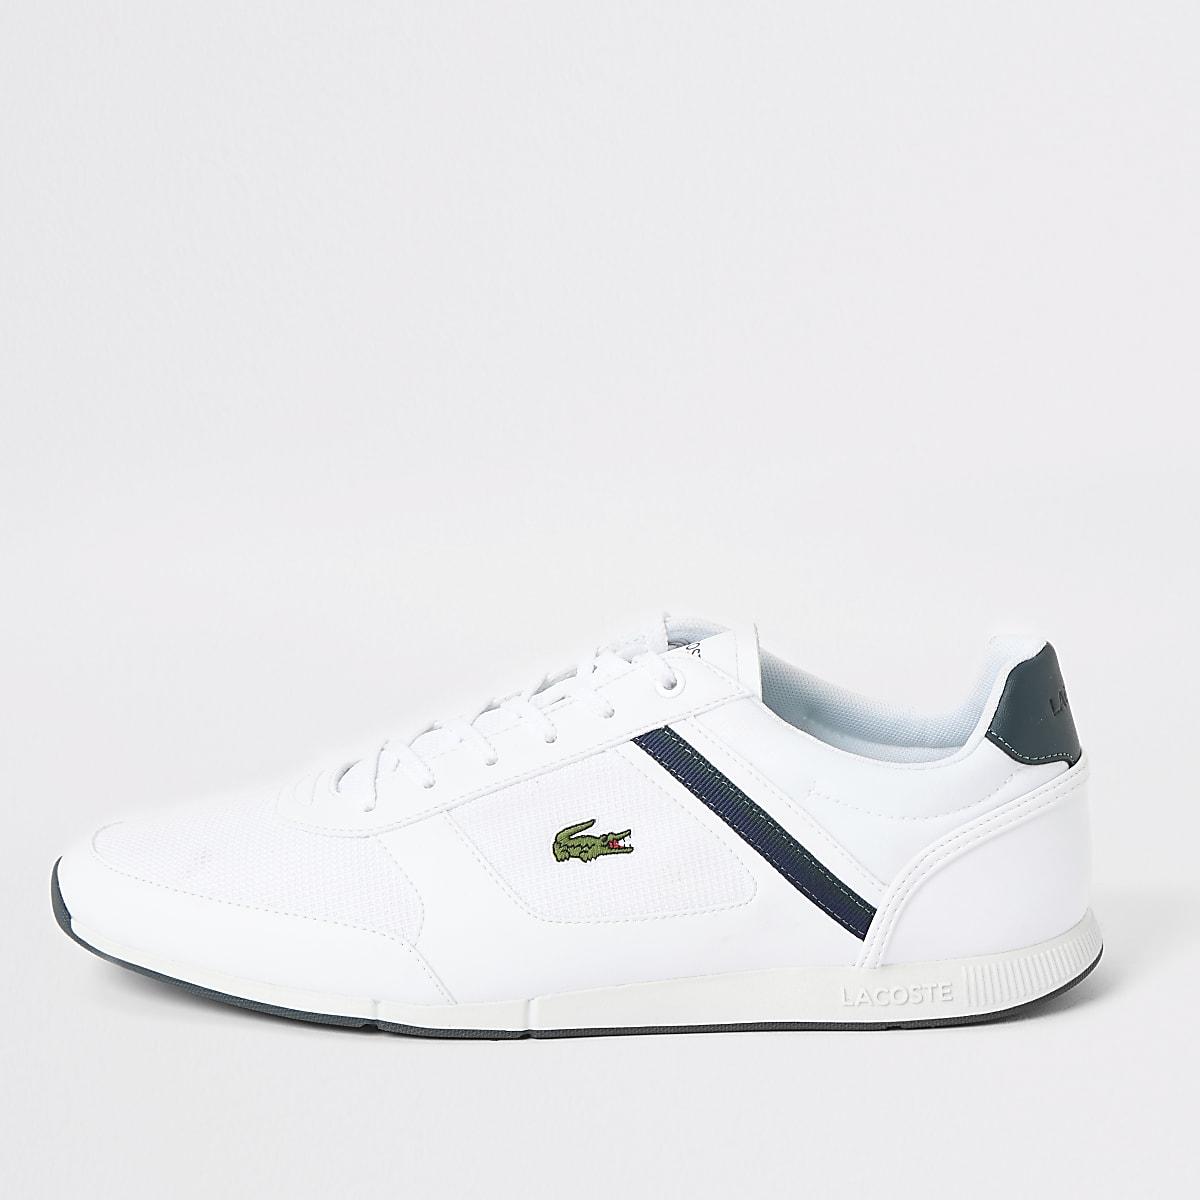 Lacoste white Menerva trainers